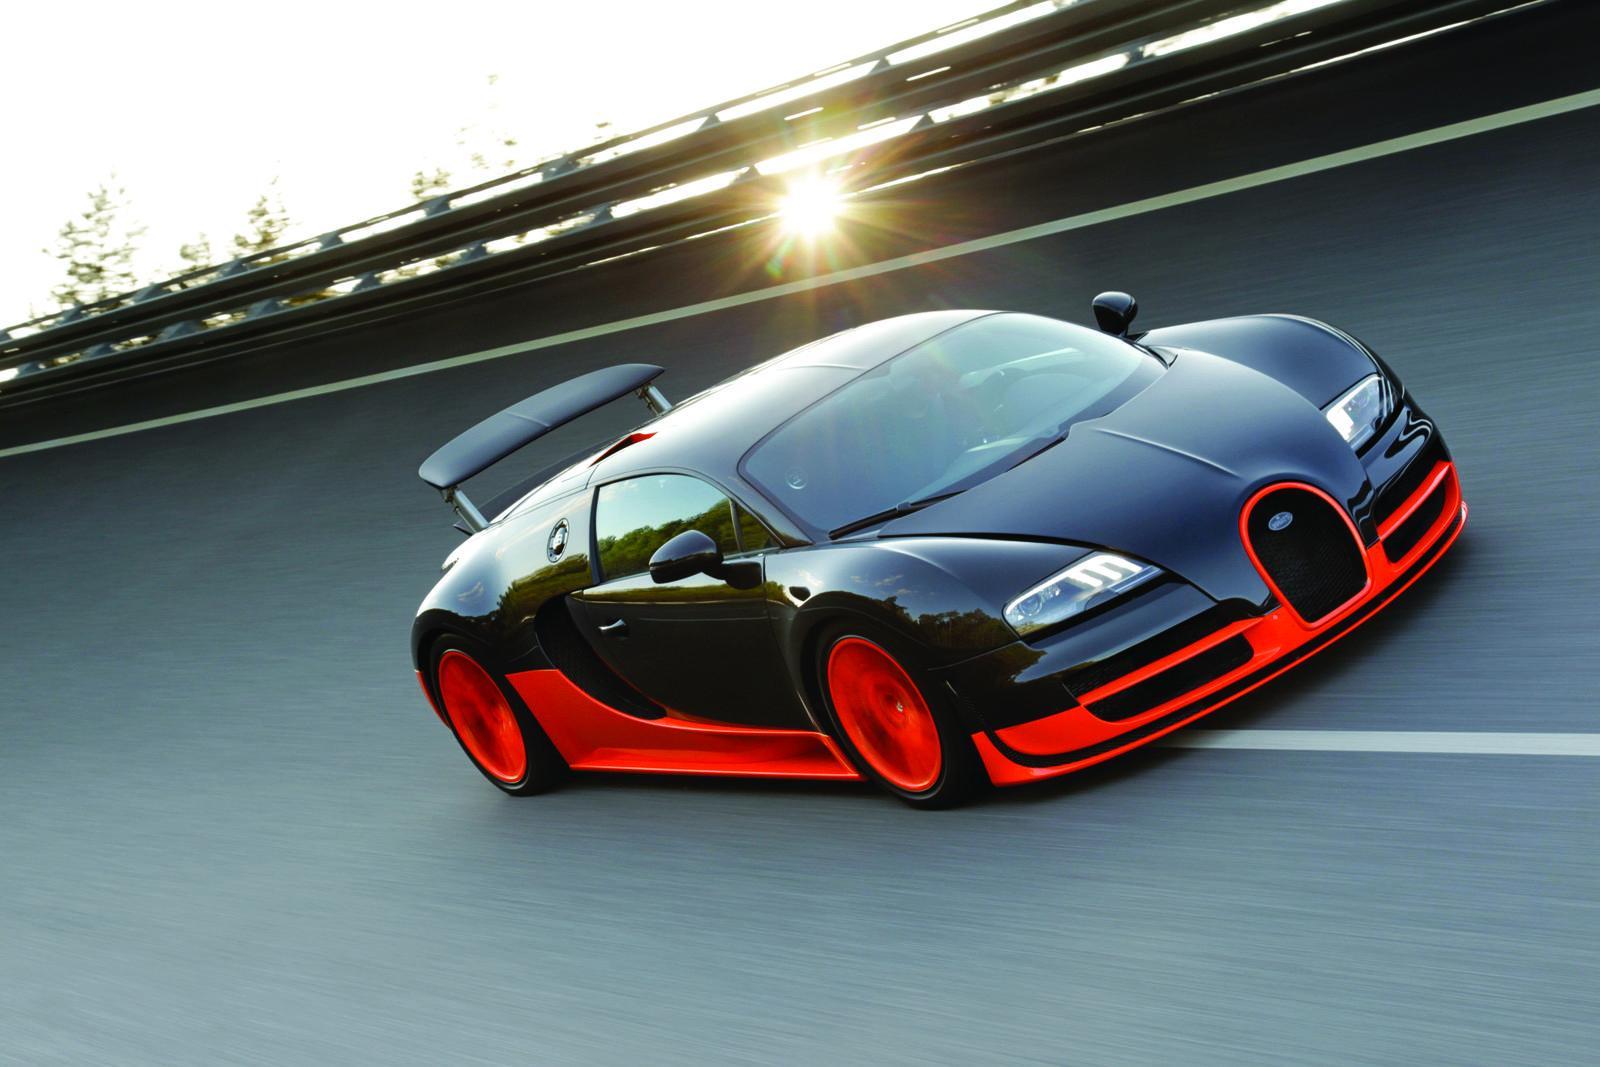 bugatti veyron super sport perde o estatuto de carro de s rie mais r pido do mundo. Black Bedroom Furniture Sets. Home Design Ideas